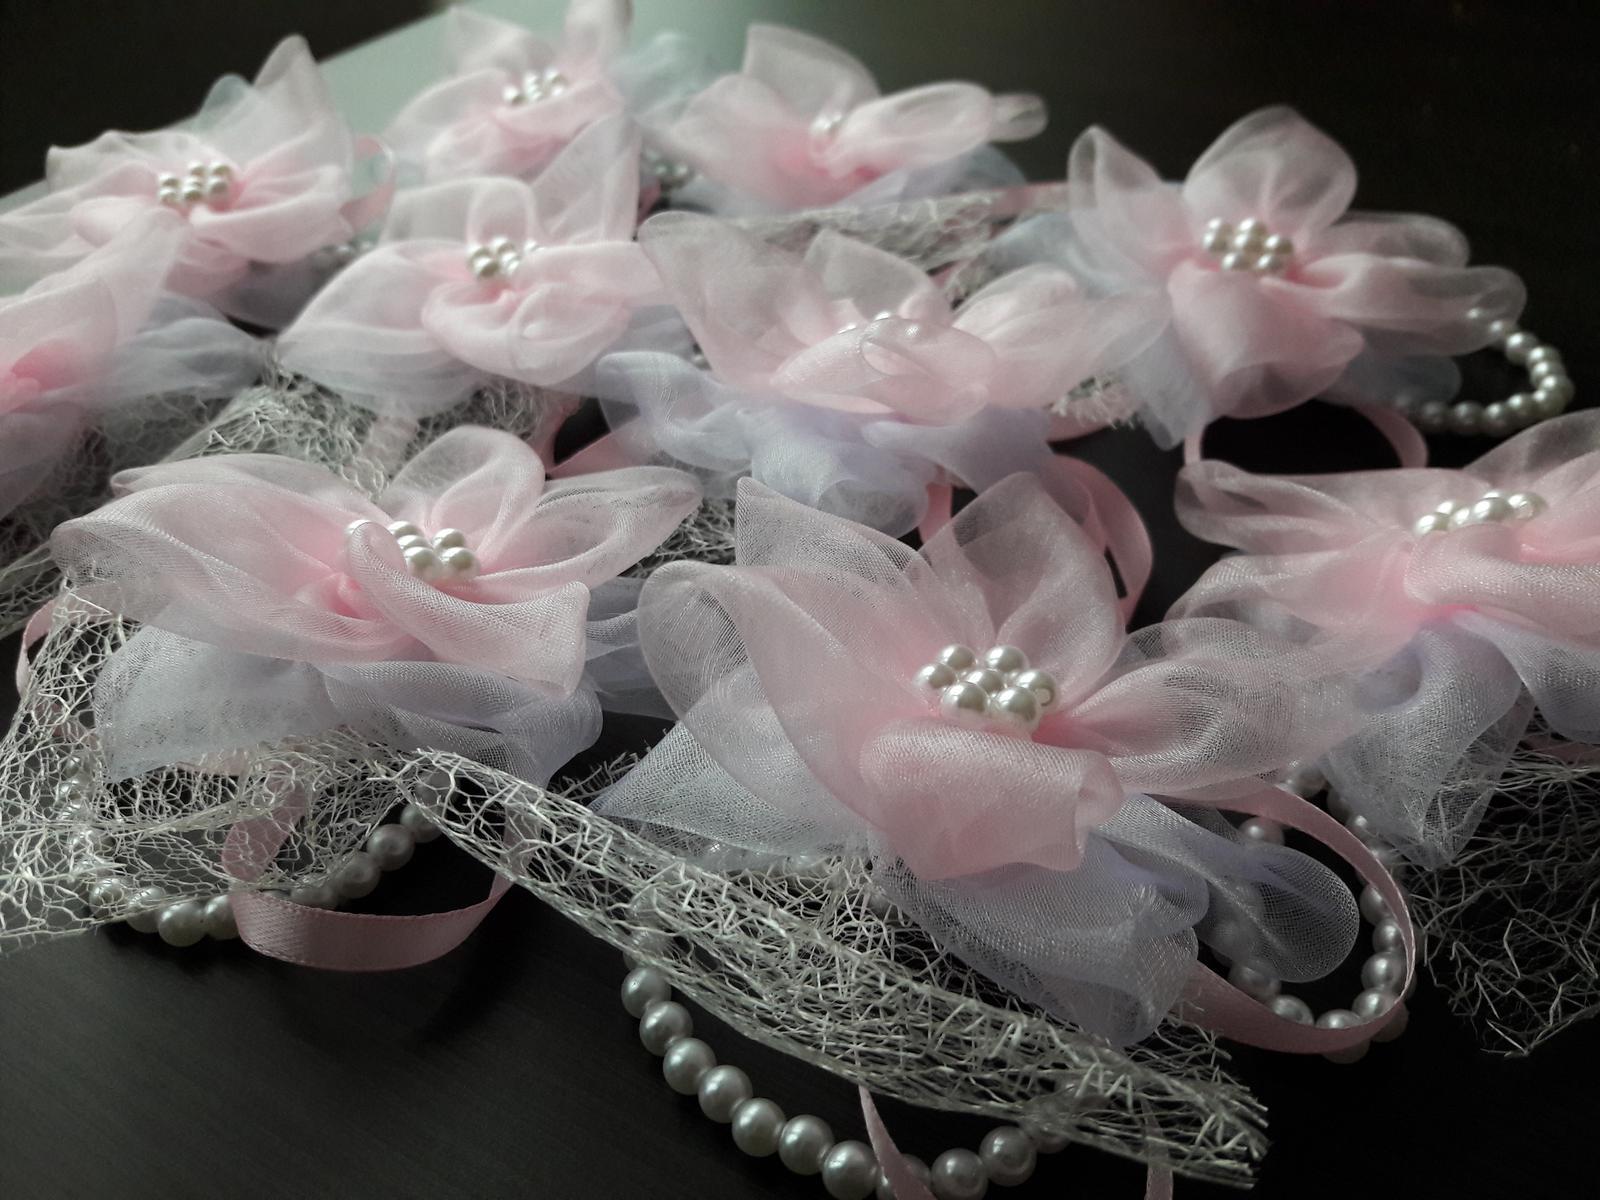 Náramky - romantické ružové - Obrázok č. 1